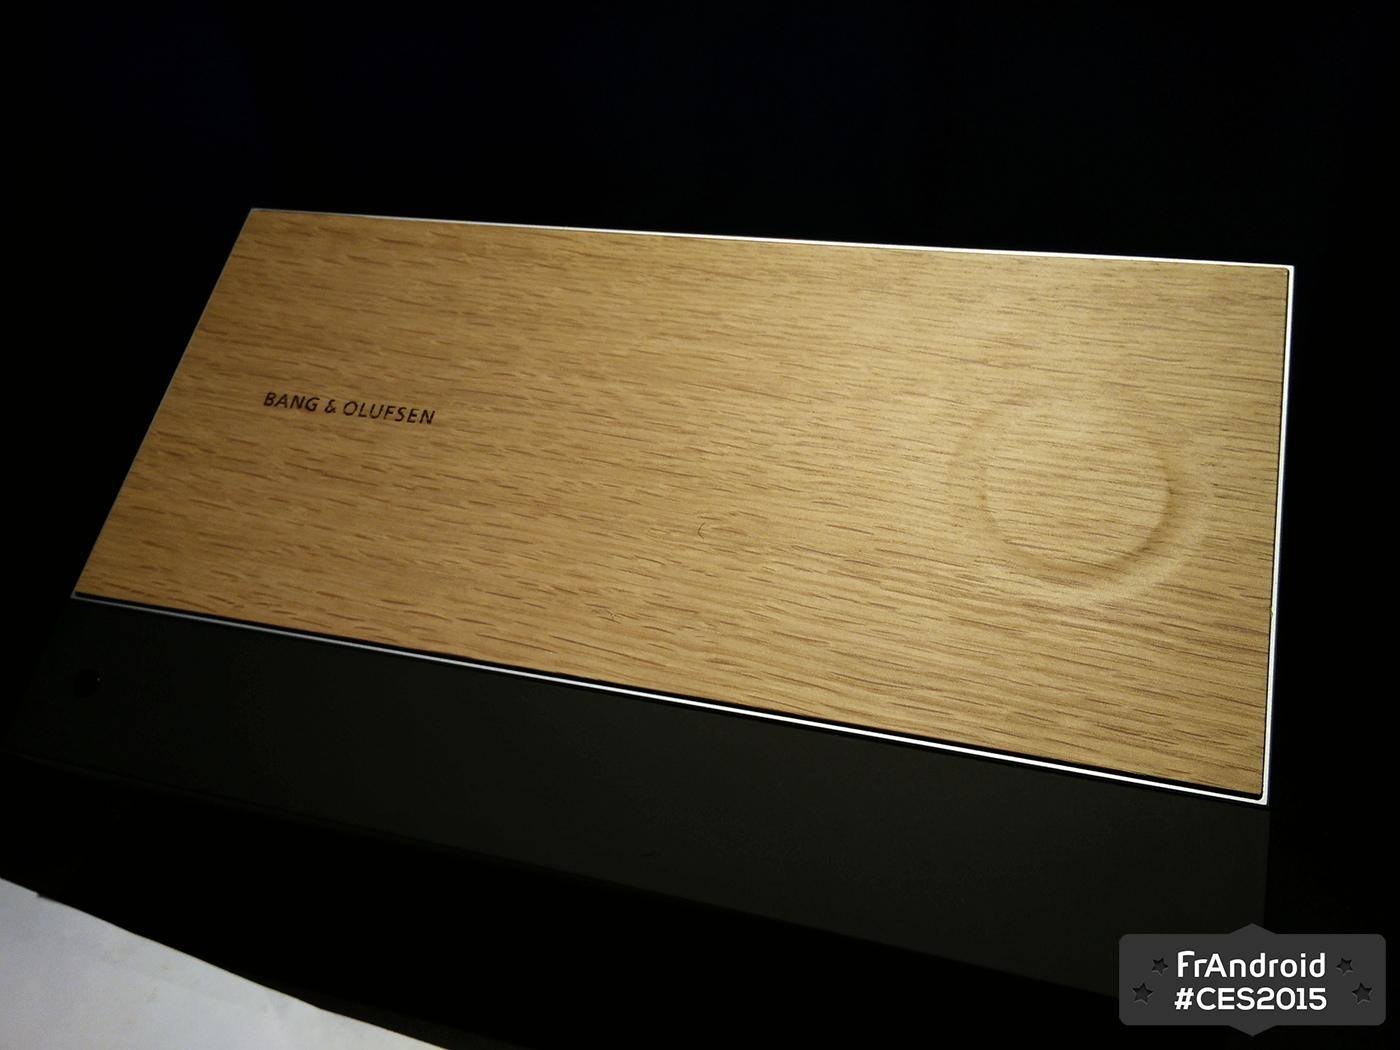 bang olufsen met du tactile dans une tablette en bois. Black Bedroom Furniture Sets. Home Design Ideas